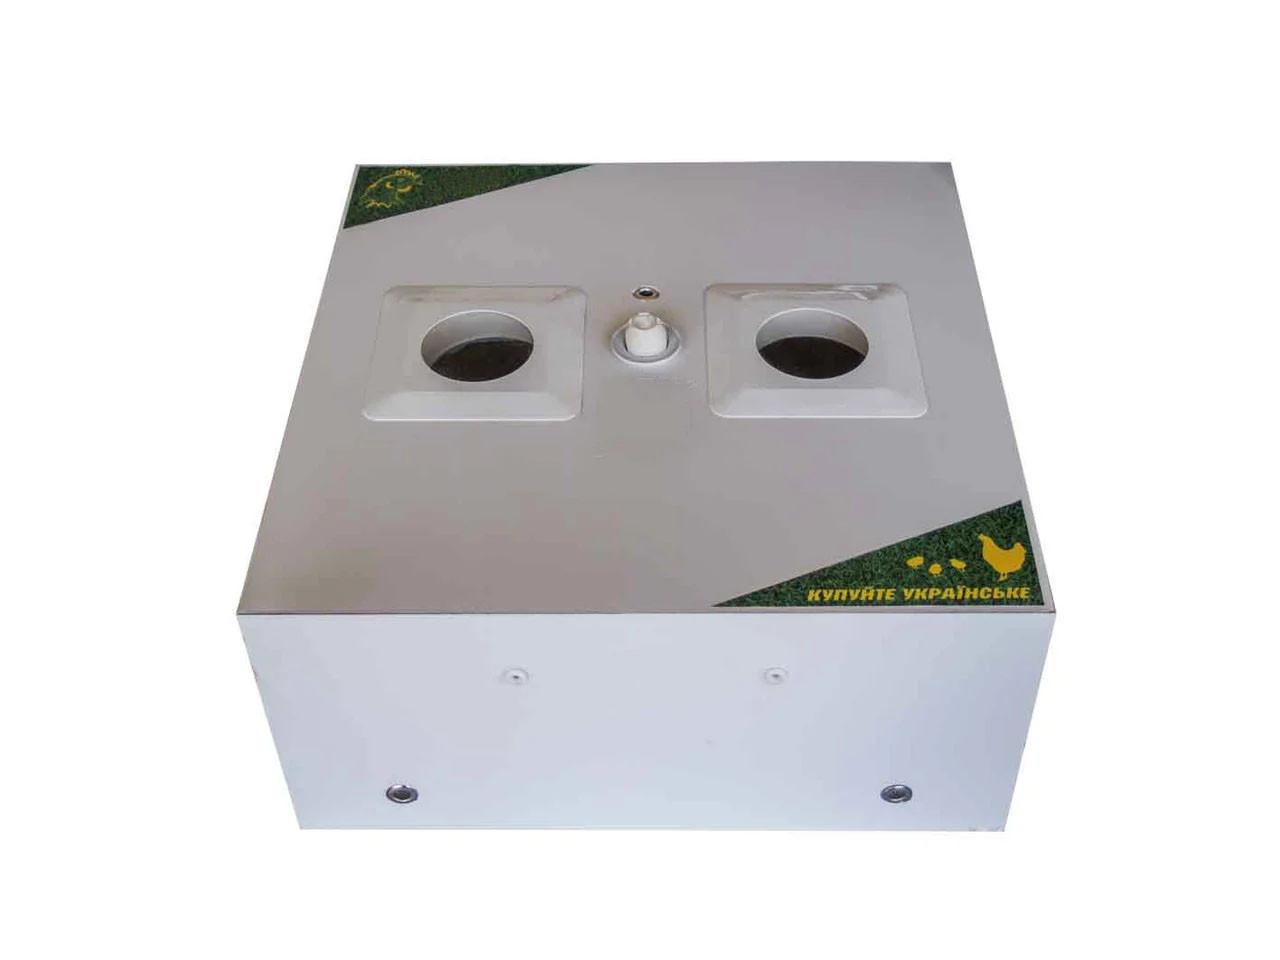 Домашний автоматический инкубатор в пластиковом корпусе на 42 яйца